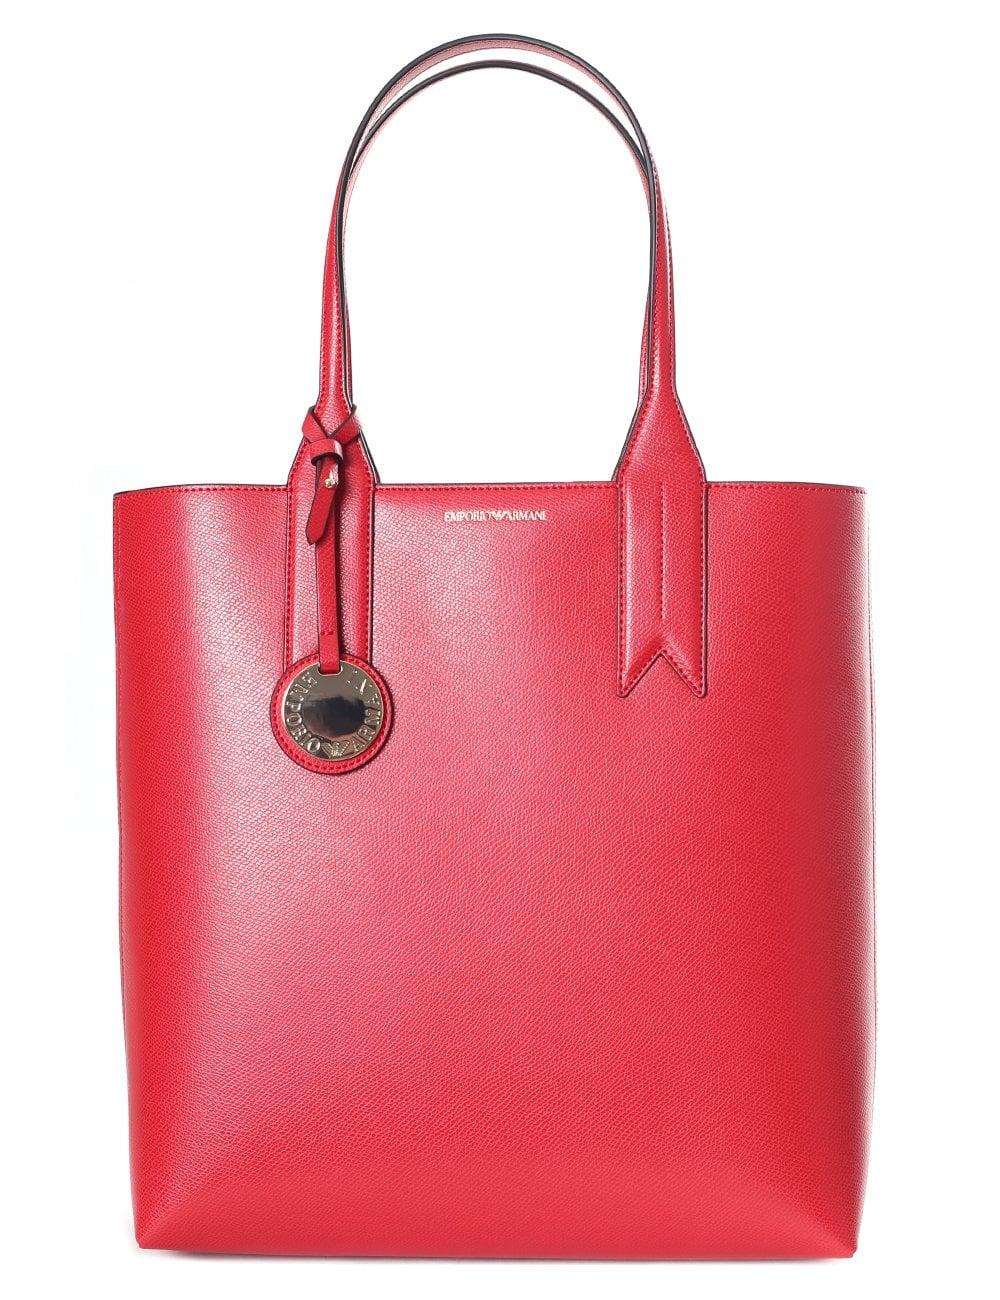 2daa9553f8 Women's Shopping Bag